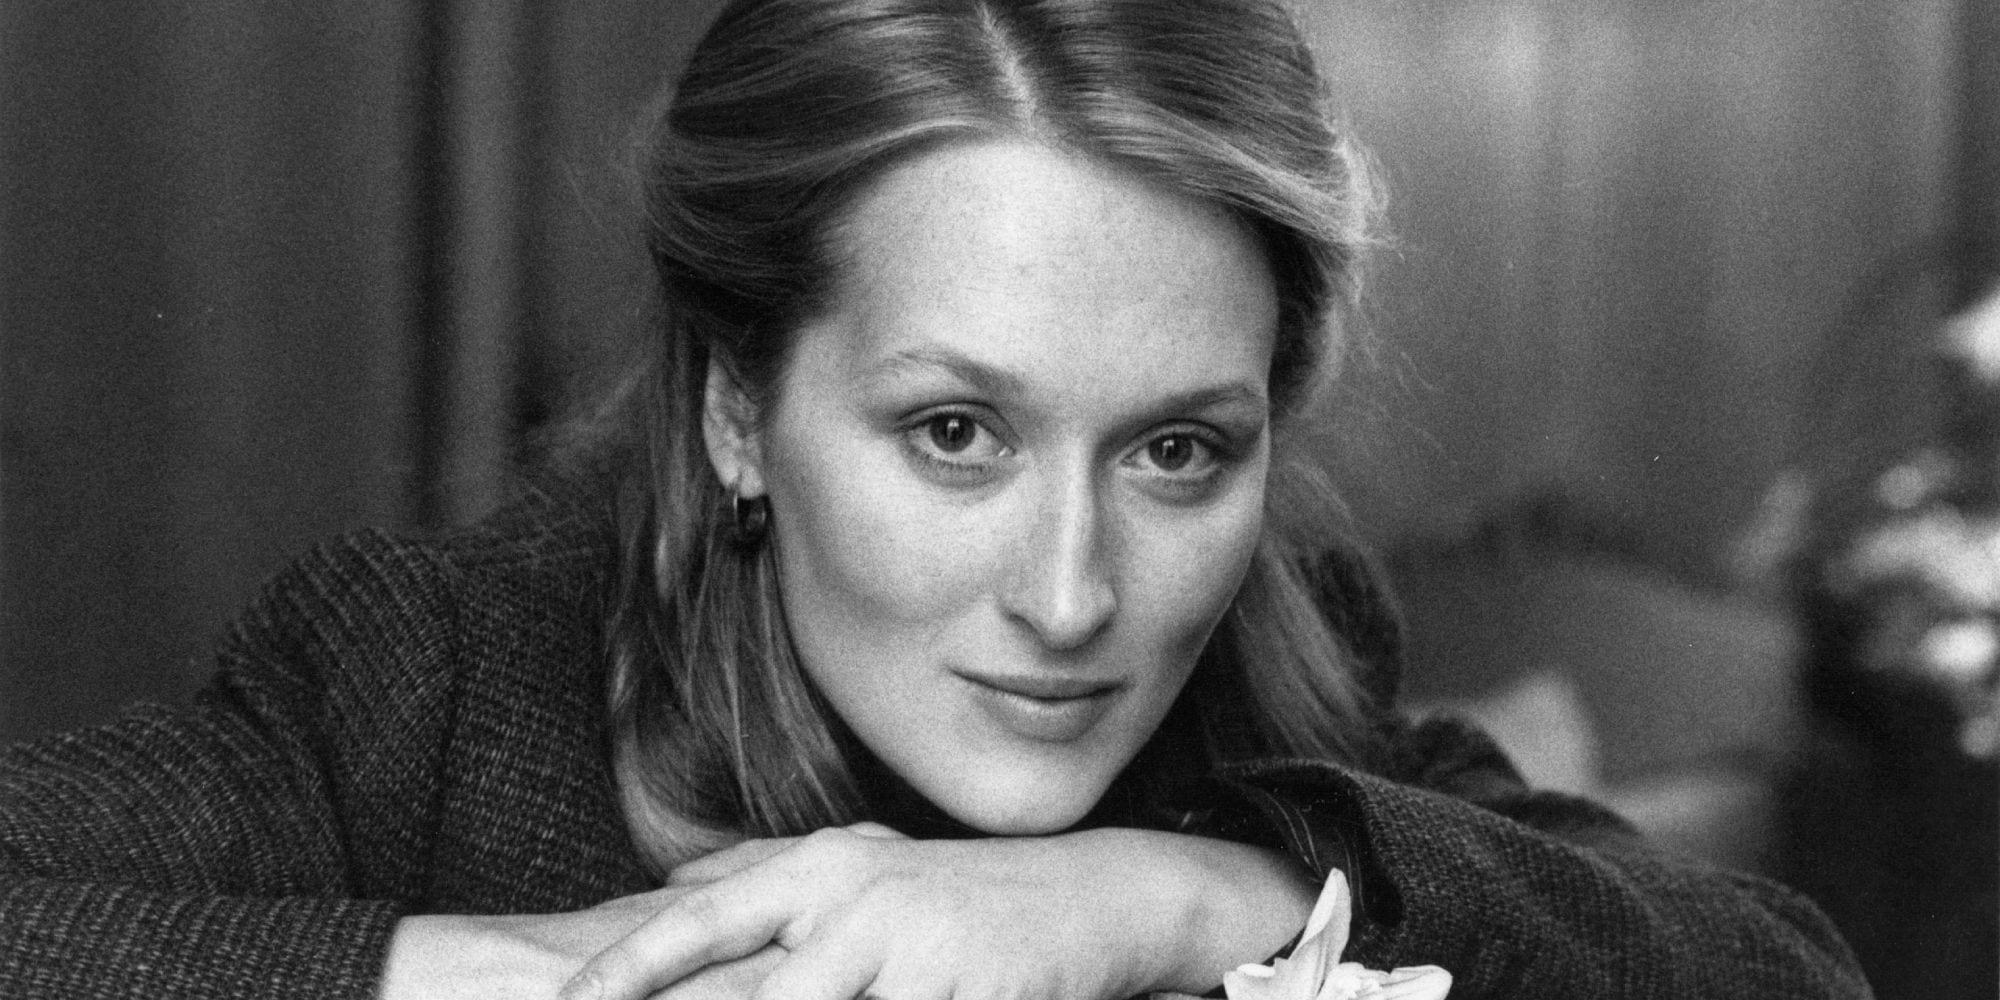 ¿Quién es Meryl Streep? Te contamos 10 curiosidades sobre ella